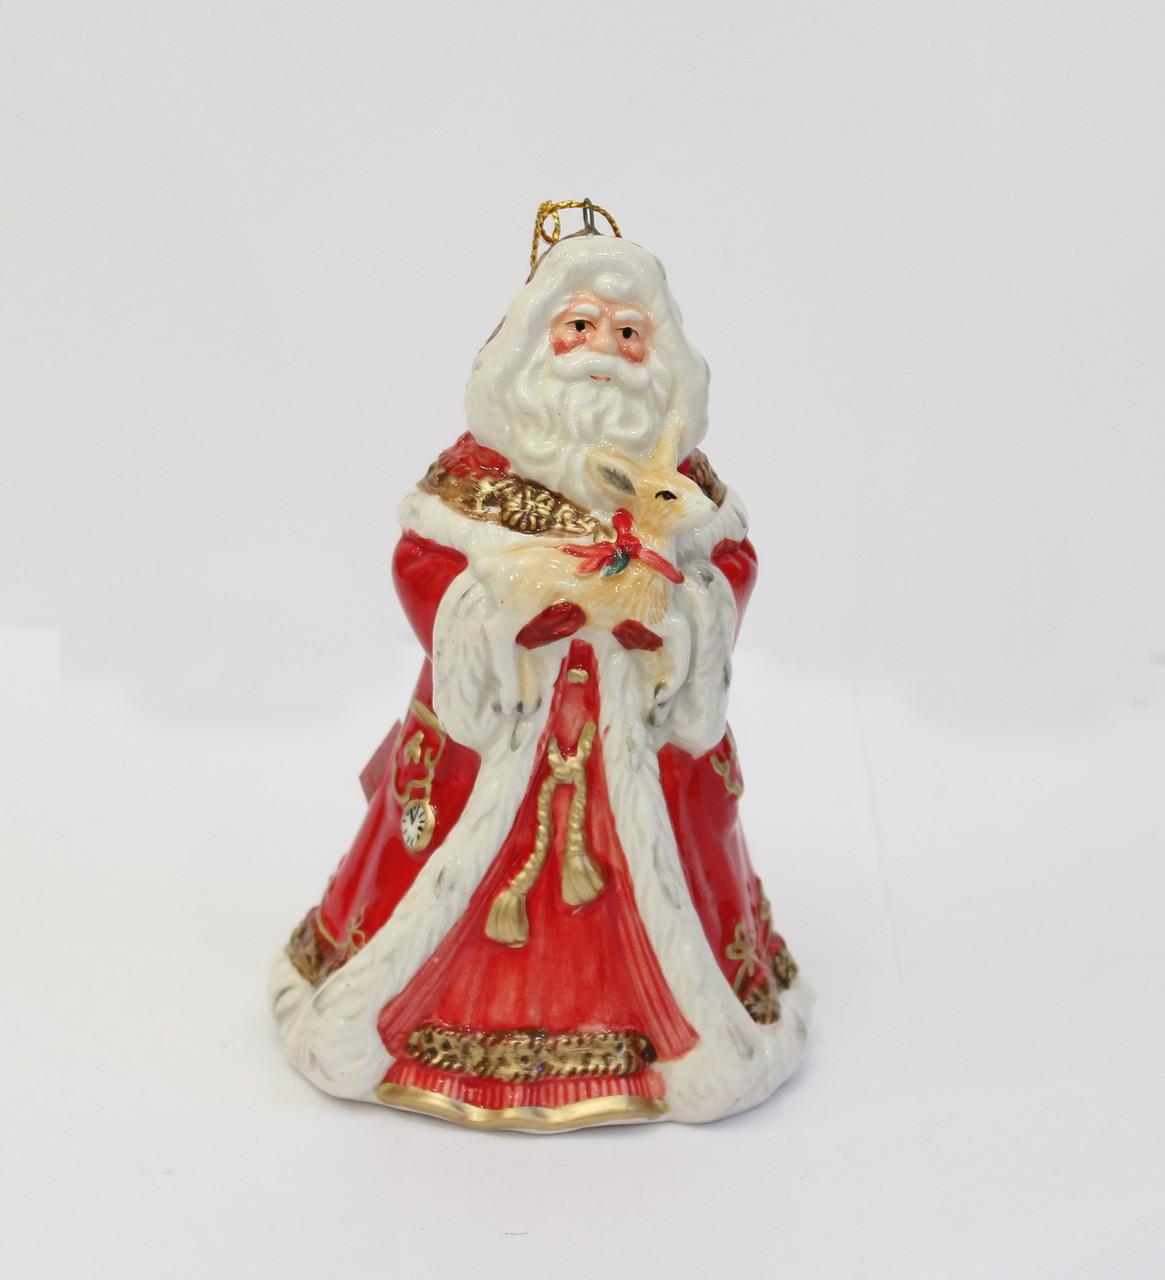 Колокольчик Дед Мороз. Ручная работа, Италия